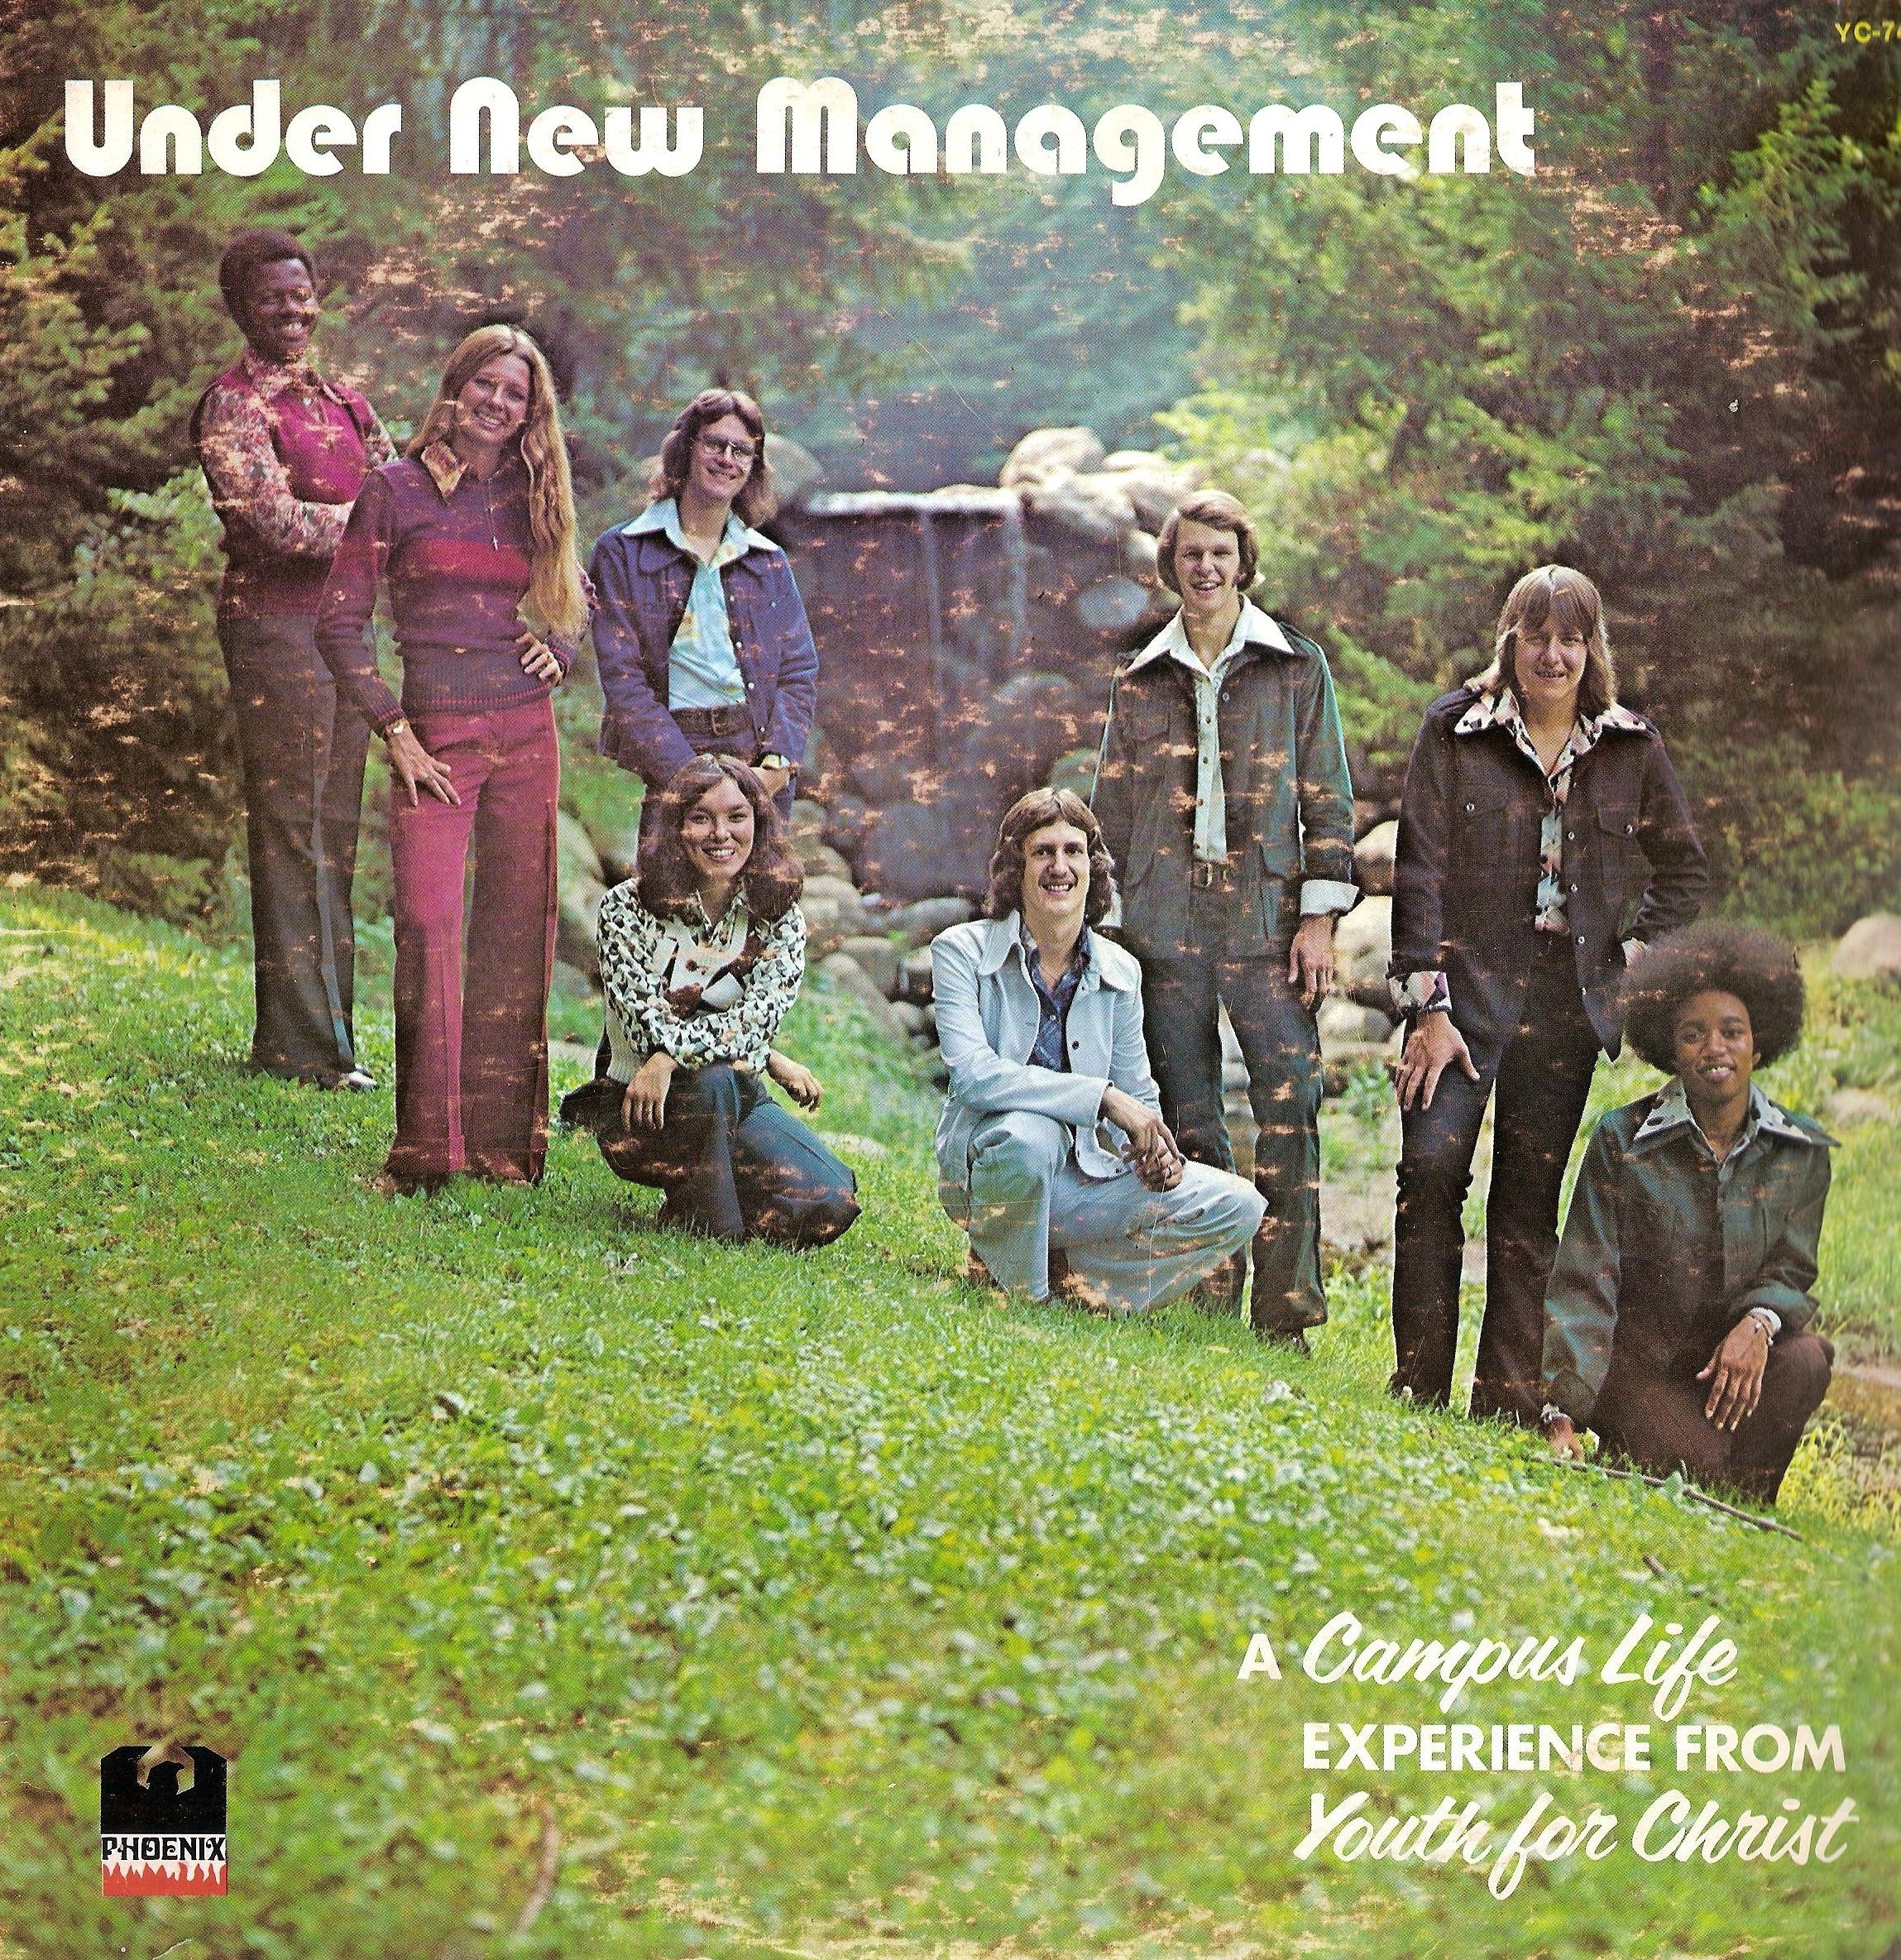 017_under-new-management